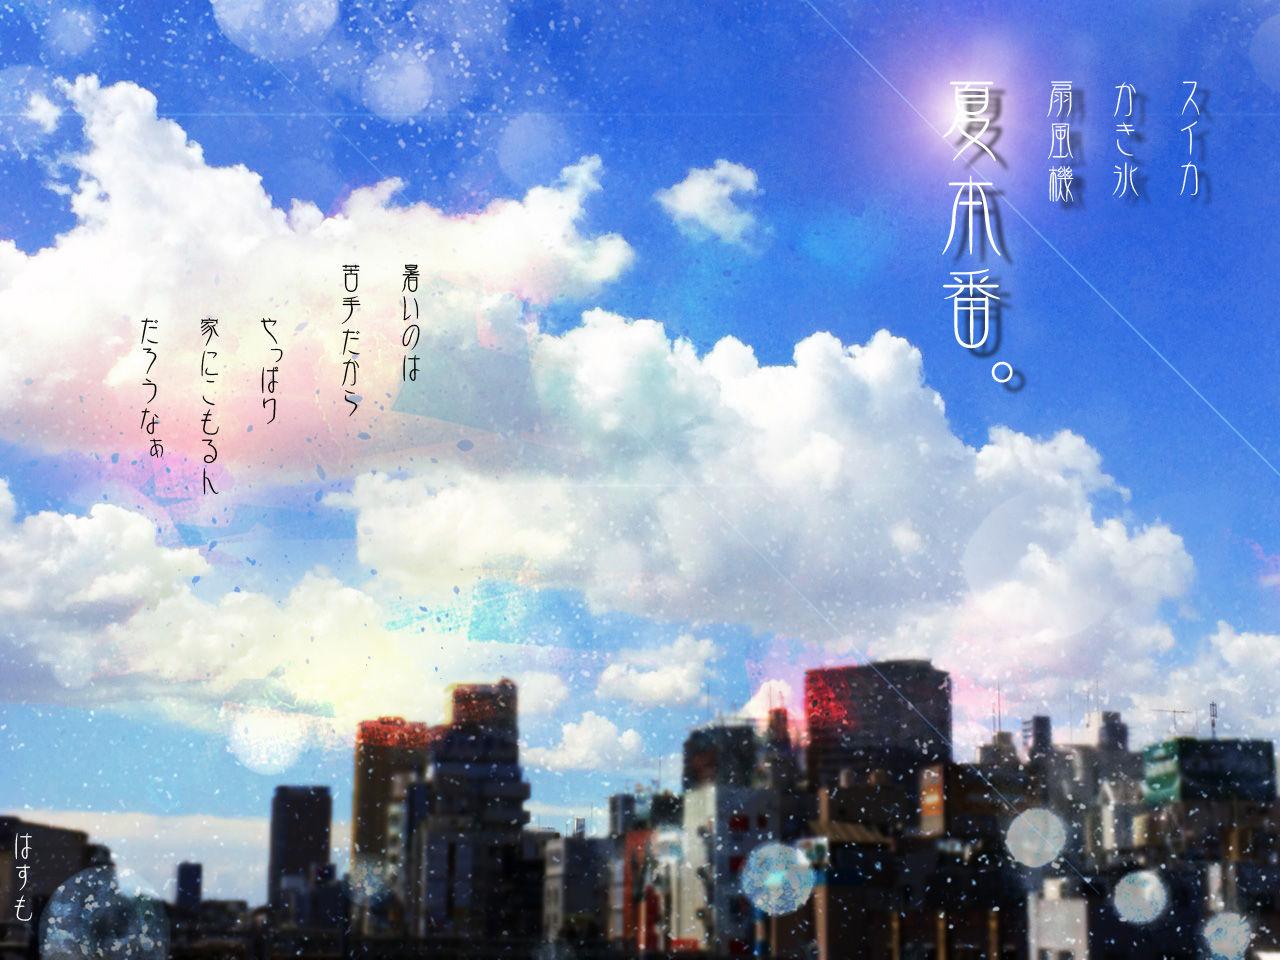 http://livedoor.blogimg.jp/marvelous_staff/imgs/3/5/35542524.jpg